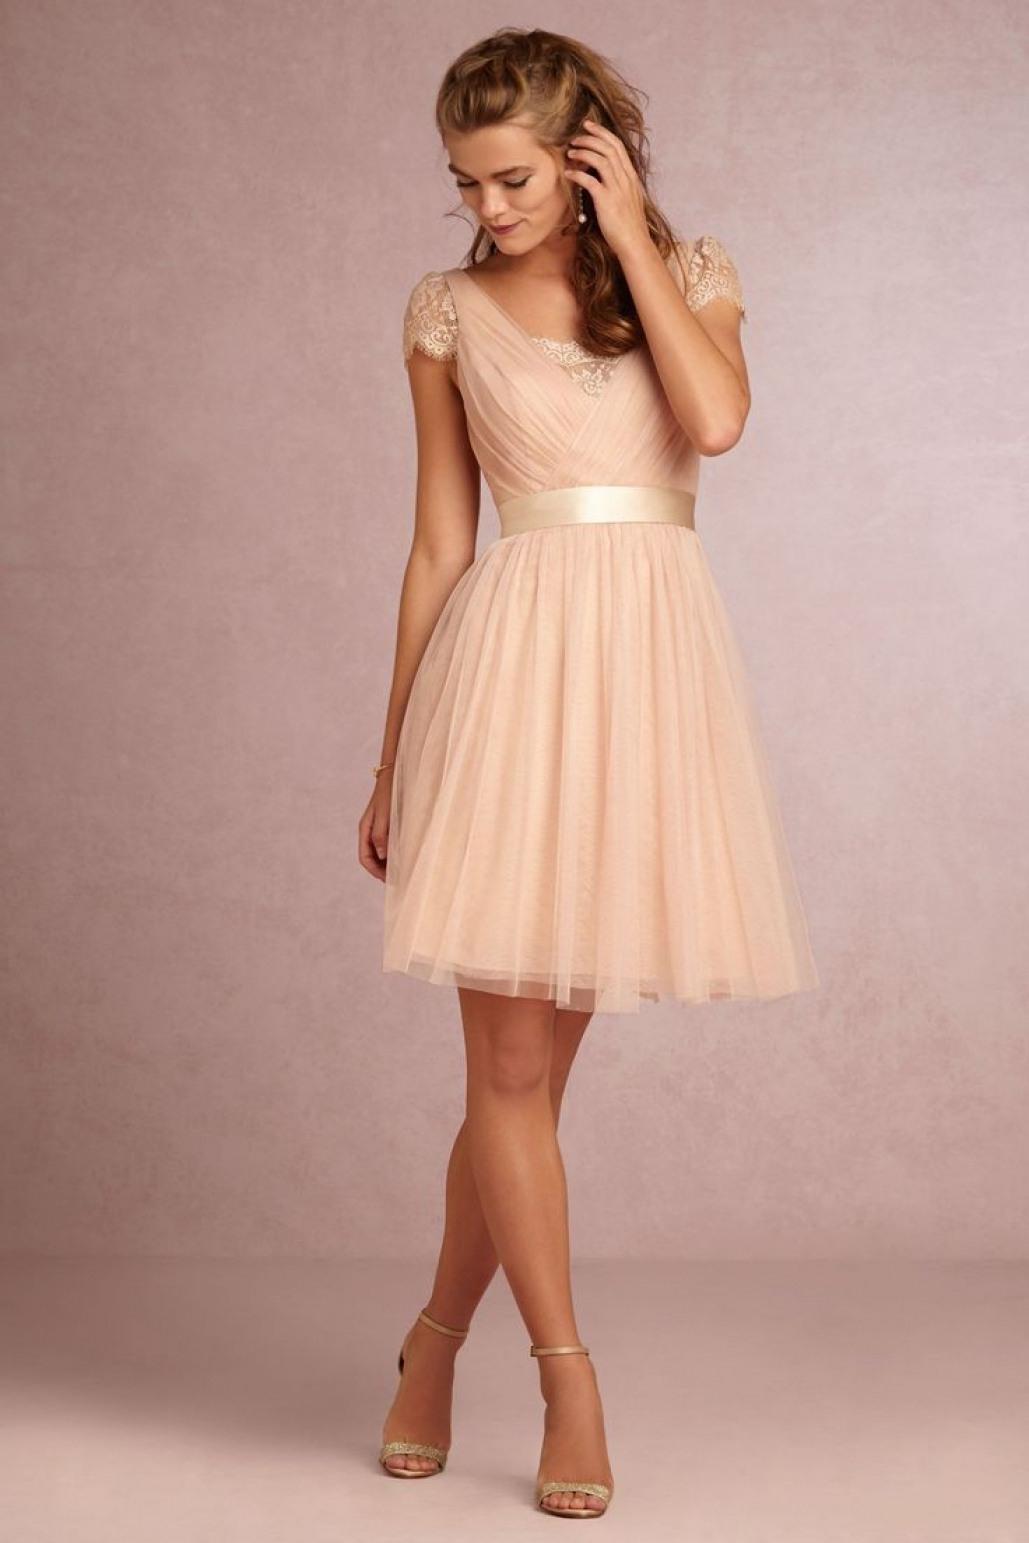 13 Perfekt Sommerkleid Hochzeitsgast Design20 Ausgezeichnet Sommerkleid Hochzeitsgast Boutique